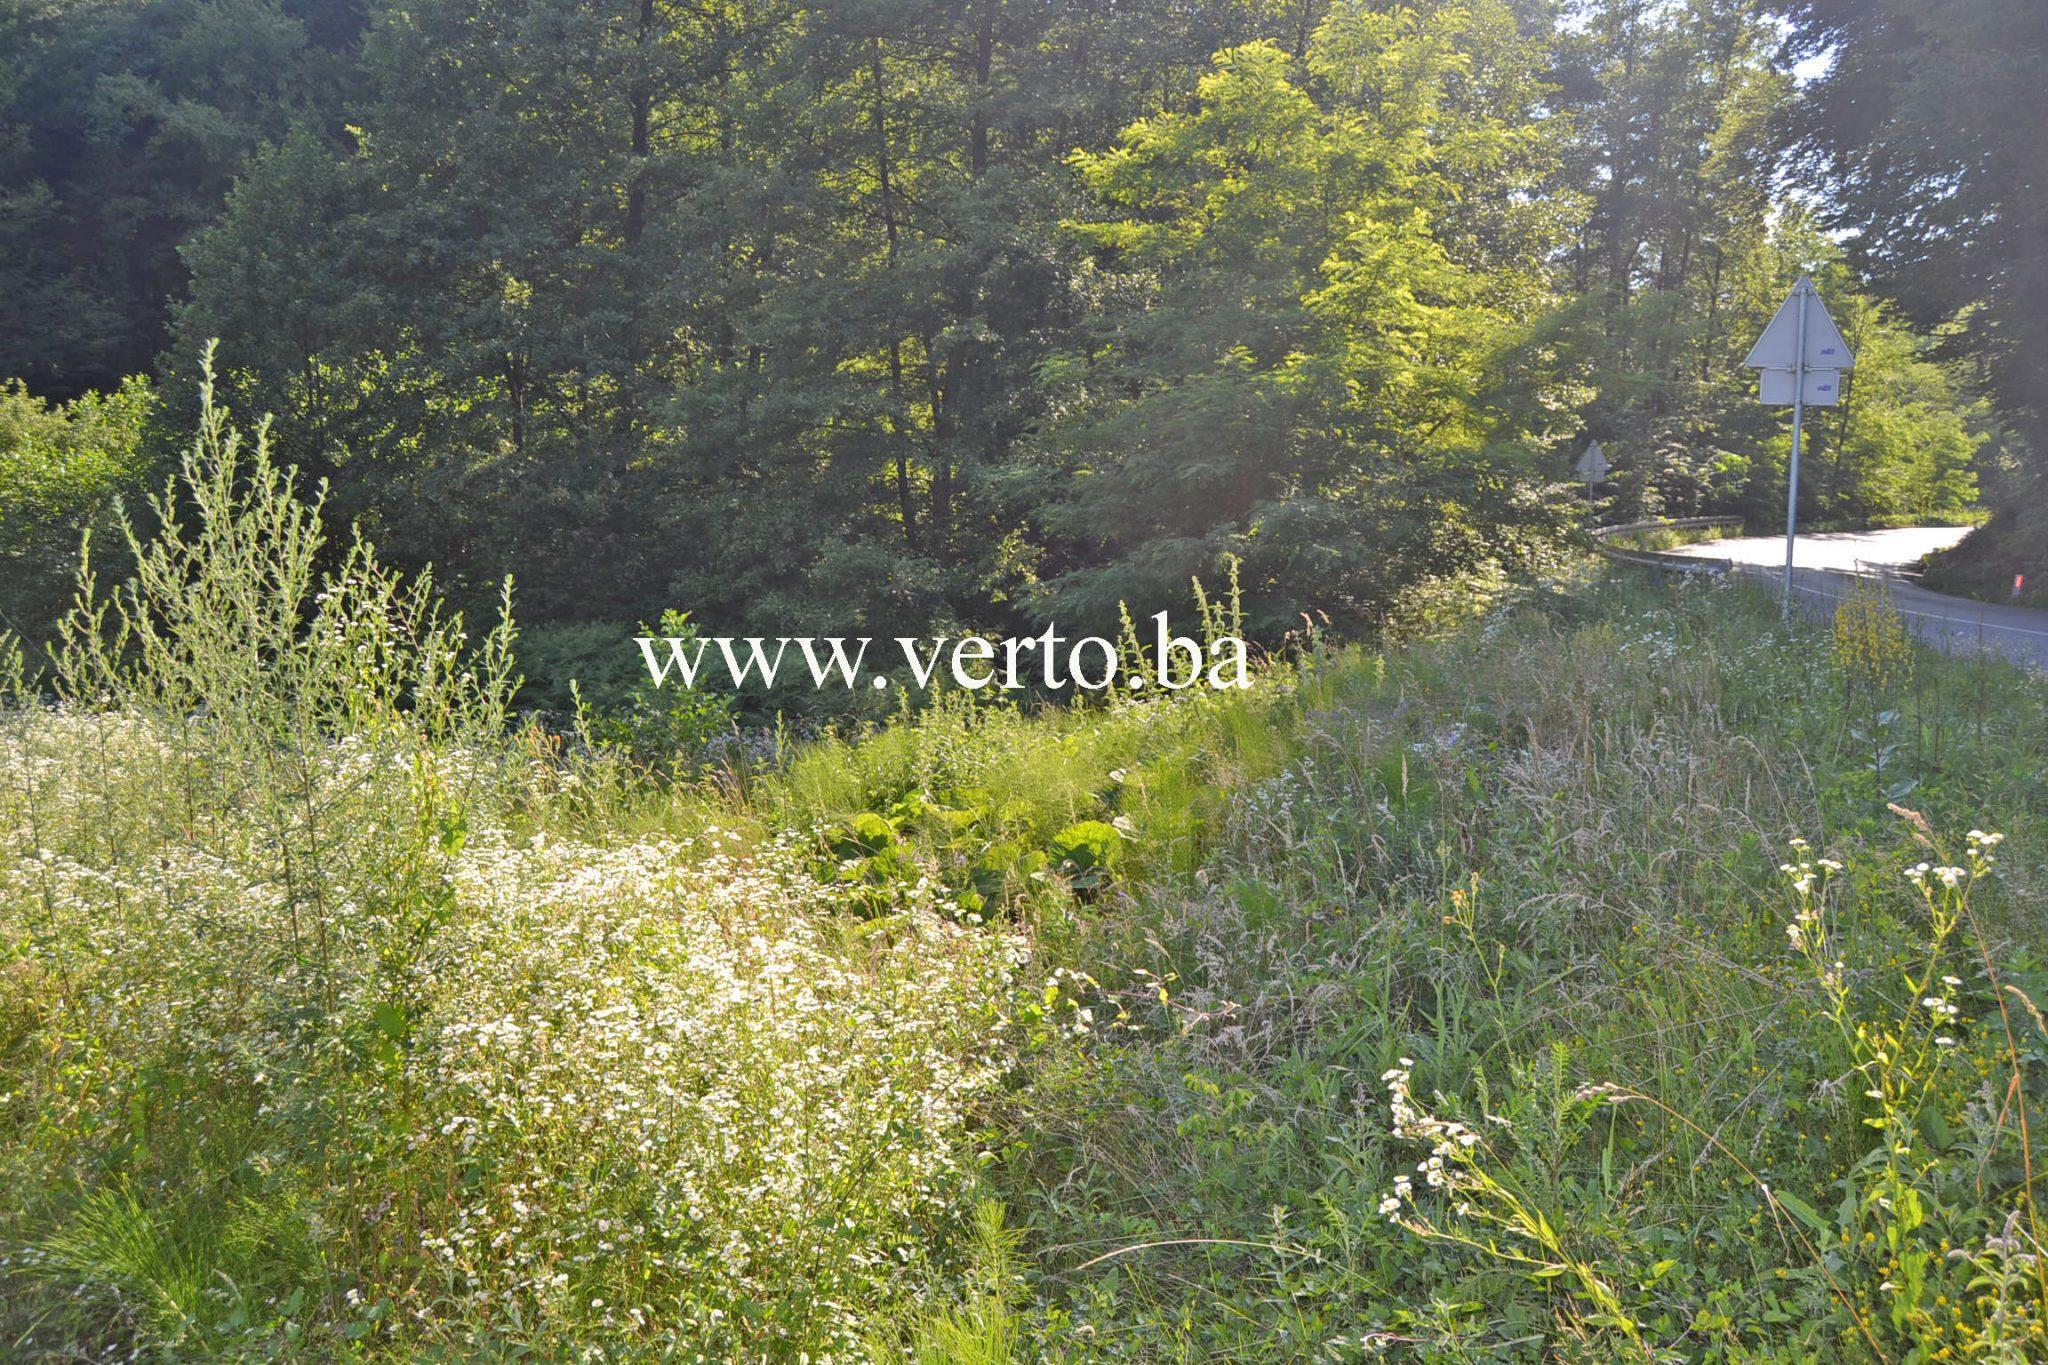 Visenamjenska zemljisna parcela povrsine 1.898 m2, Par Selo, Tuzla